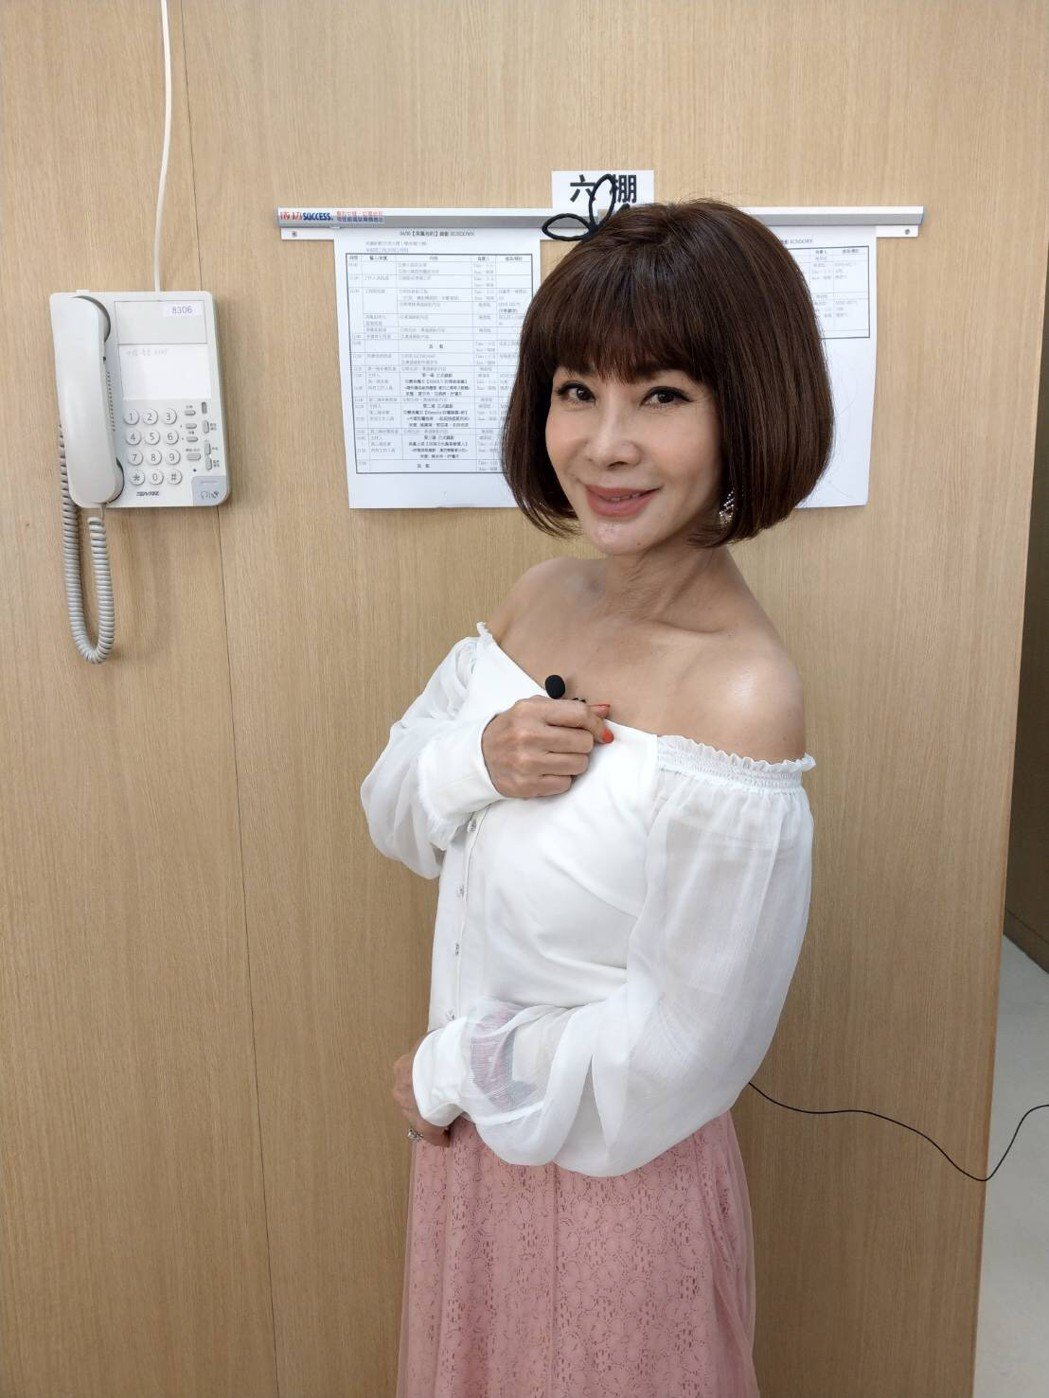 陳美鳳錄影時春花滿面,讓人以為她交了新男友。圖/民視提供